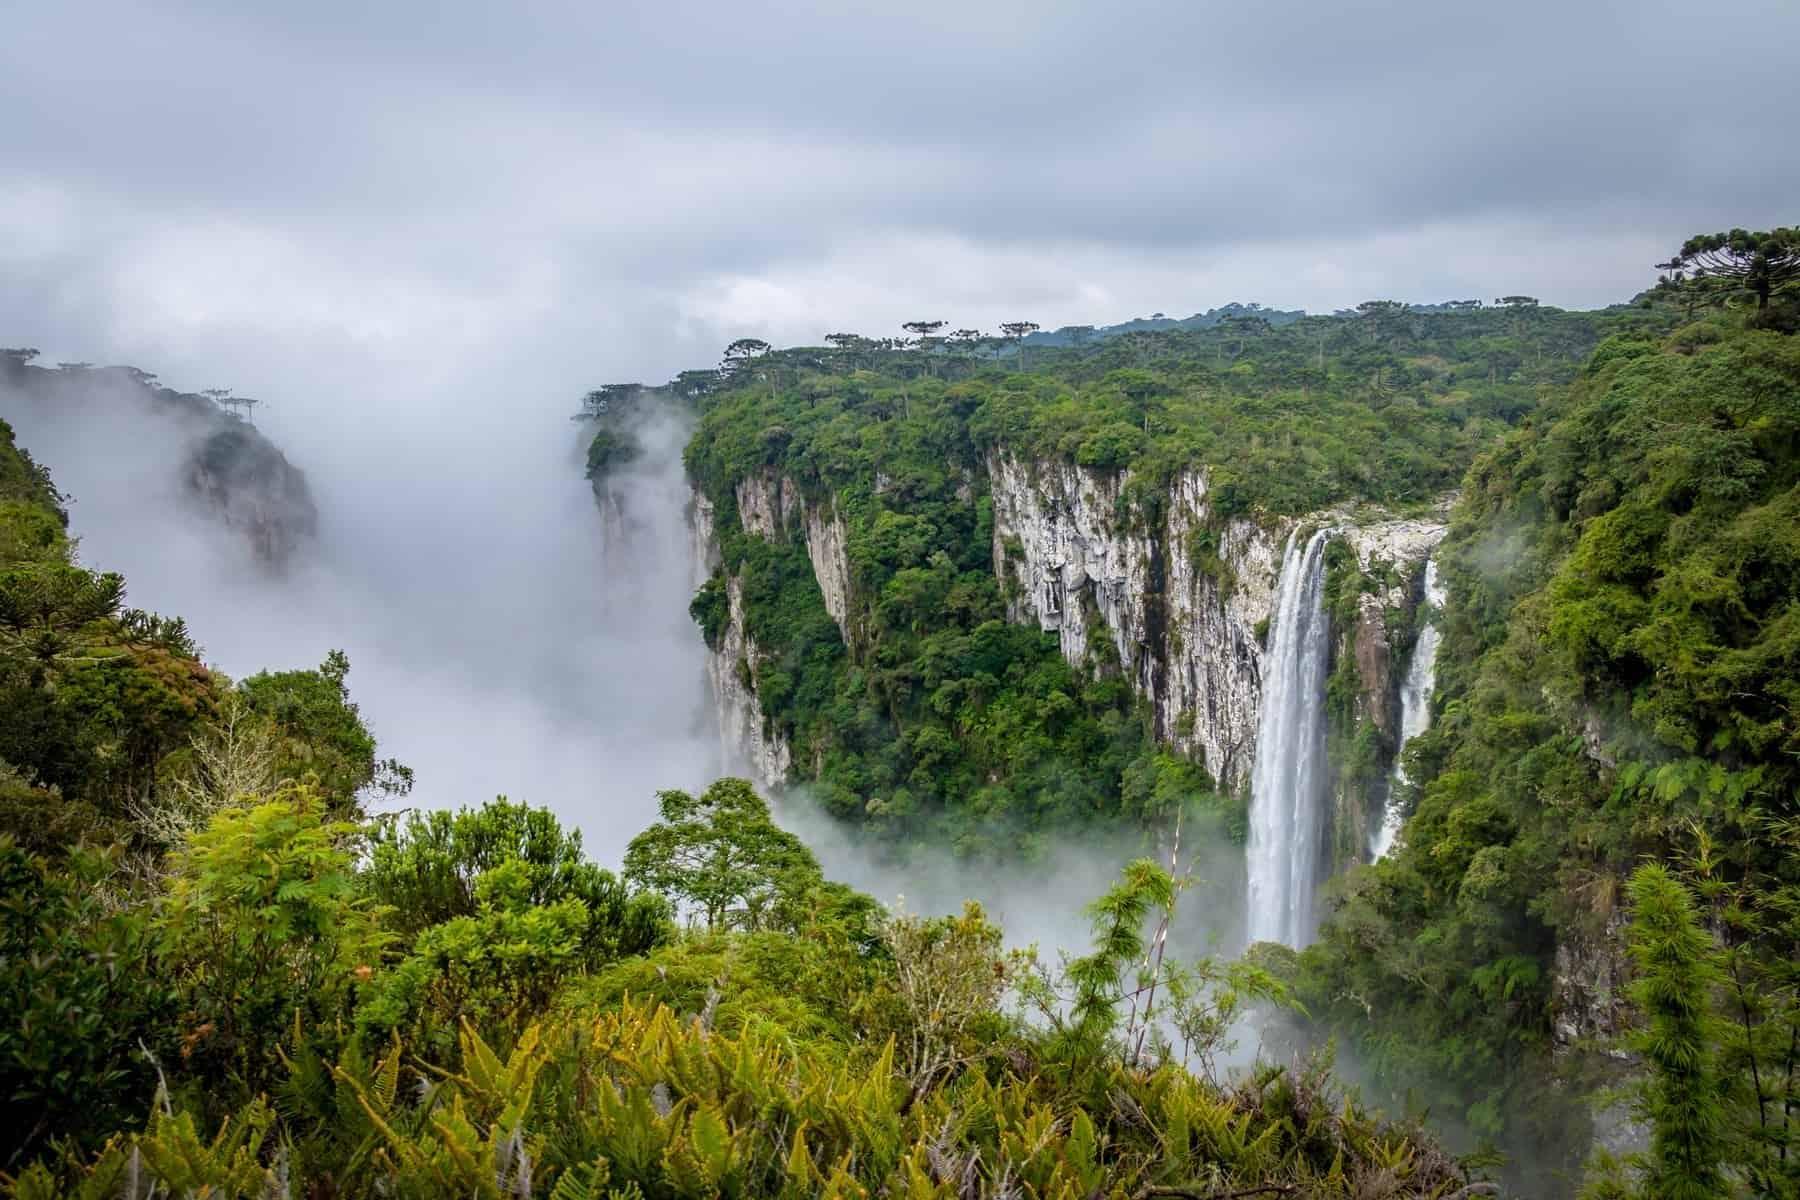 Waterfall of Itaimbezinho Canyon with fog at Aparados da Serra National Park - Cambara do Sul, Rio Grande do Sul, Brazil